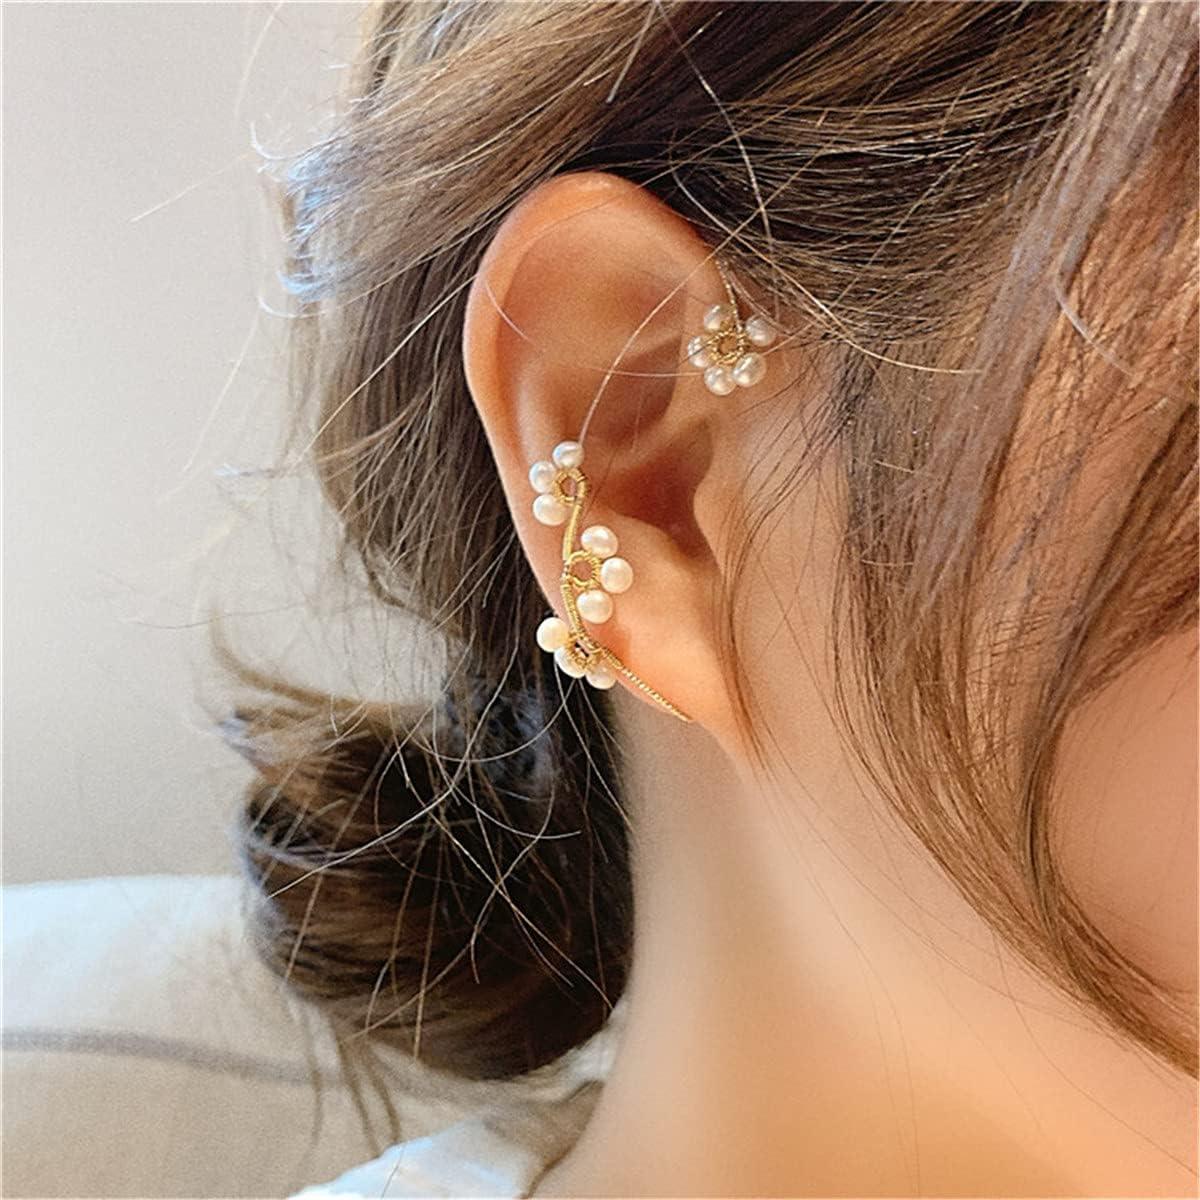 LJZX Vintage Ear Cuff Earrings Wrap Around Ear Wrap Crawler Hook Earrings for Women Girls (B)